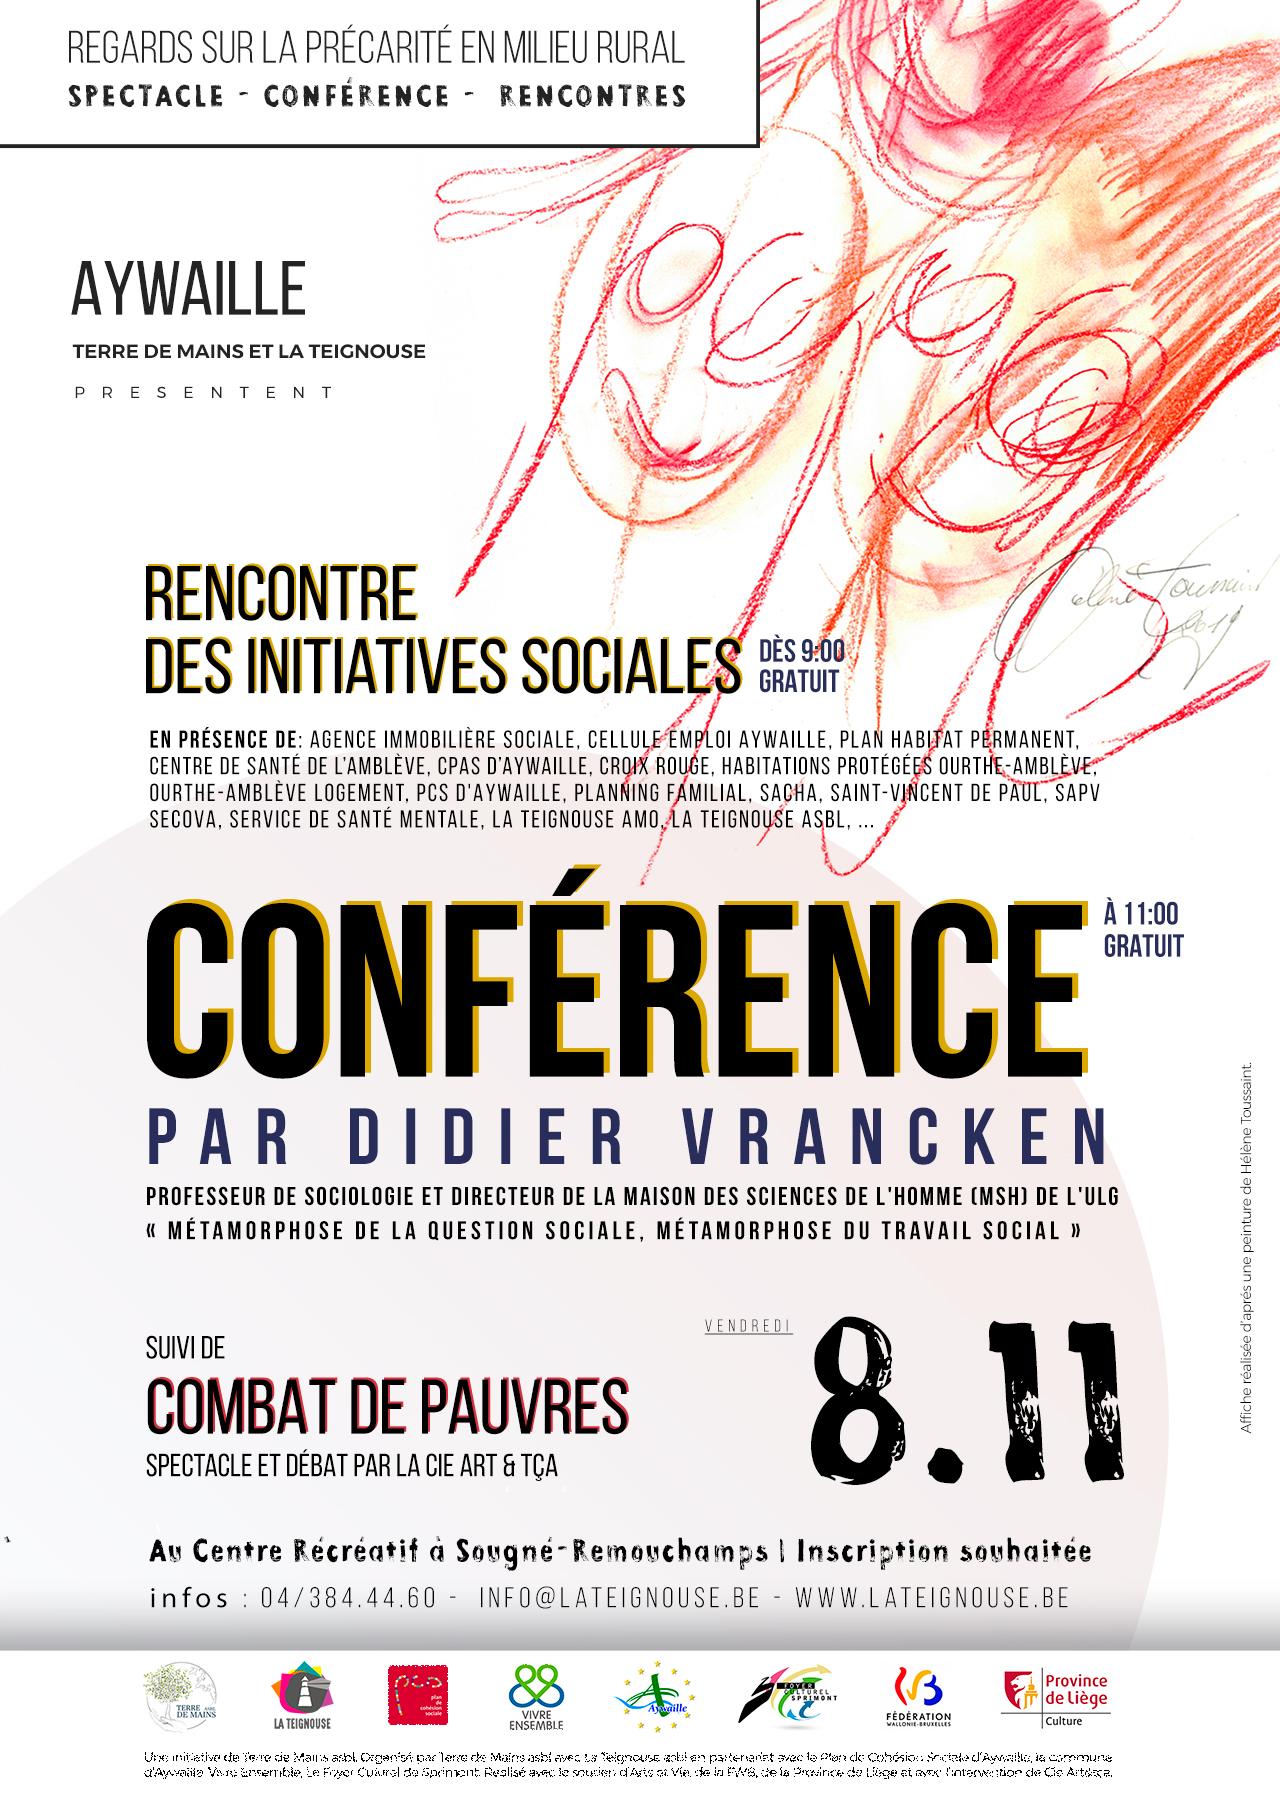 Combat de pauvres : spectacle, conférence et rencontres